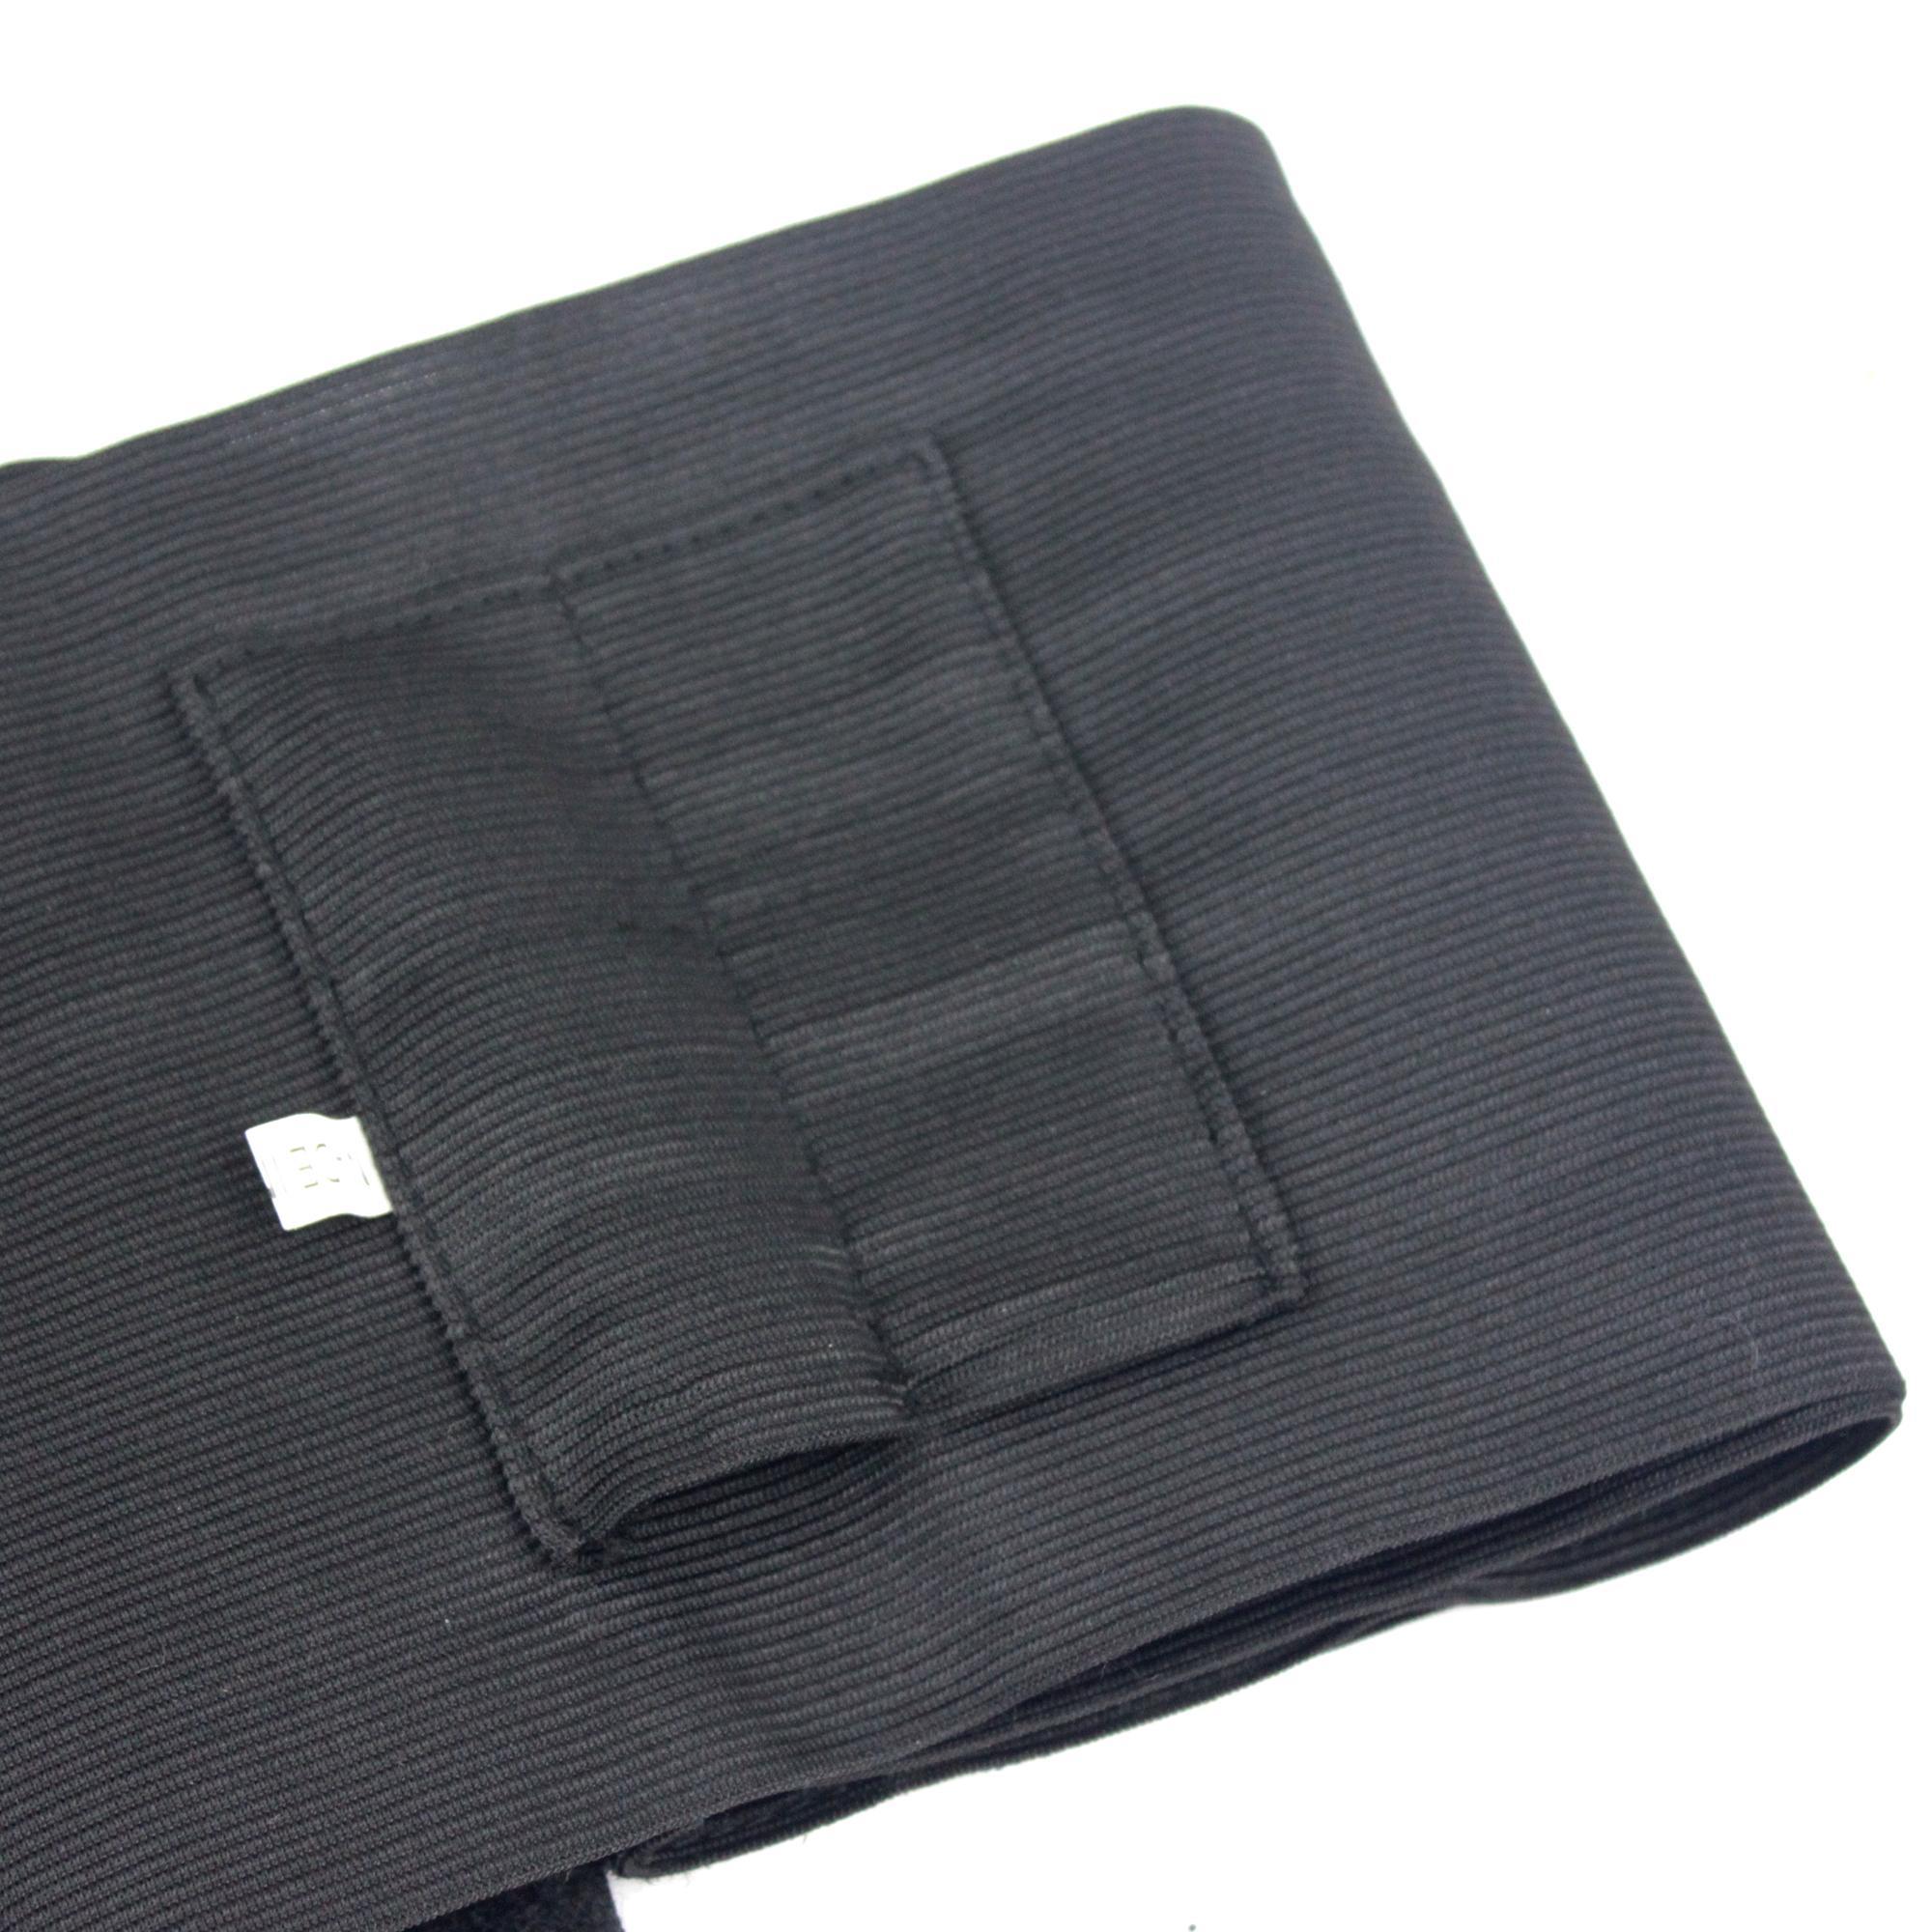 Тактическая кобура Kosibate для скрытого ношения, Универсальная регулируемая эластичная кобура для пистолета